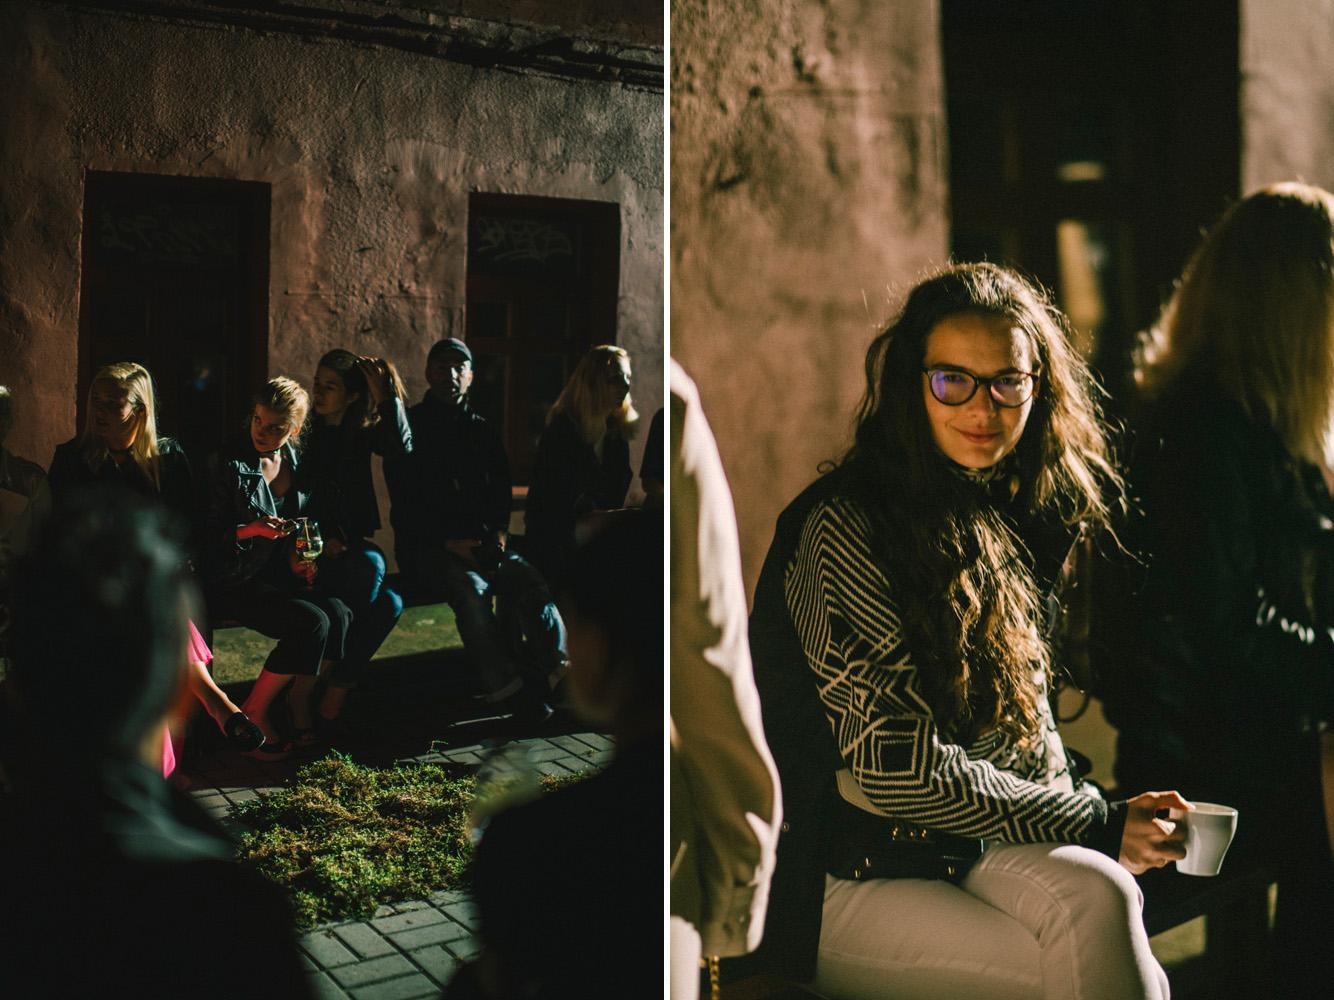 tsokalenko_by_palasatka_49